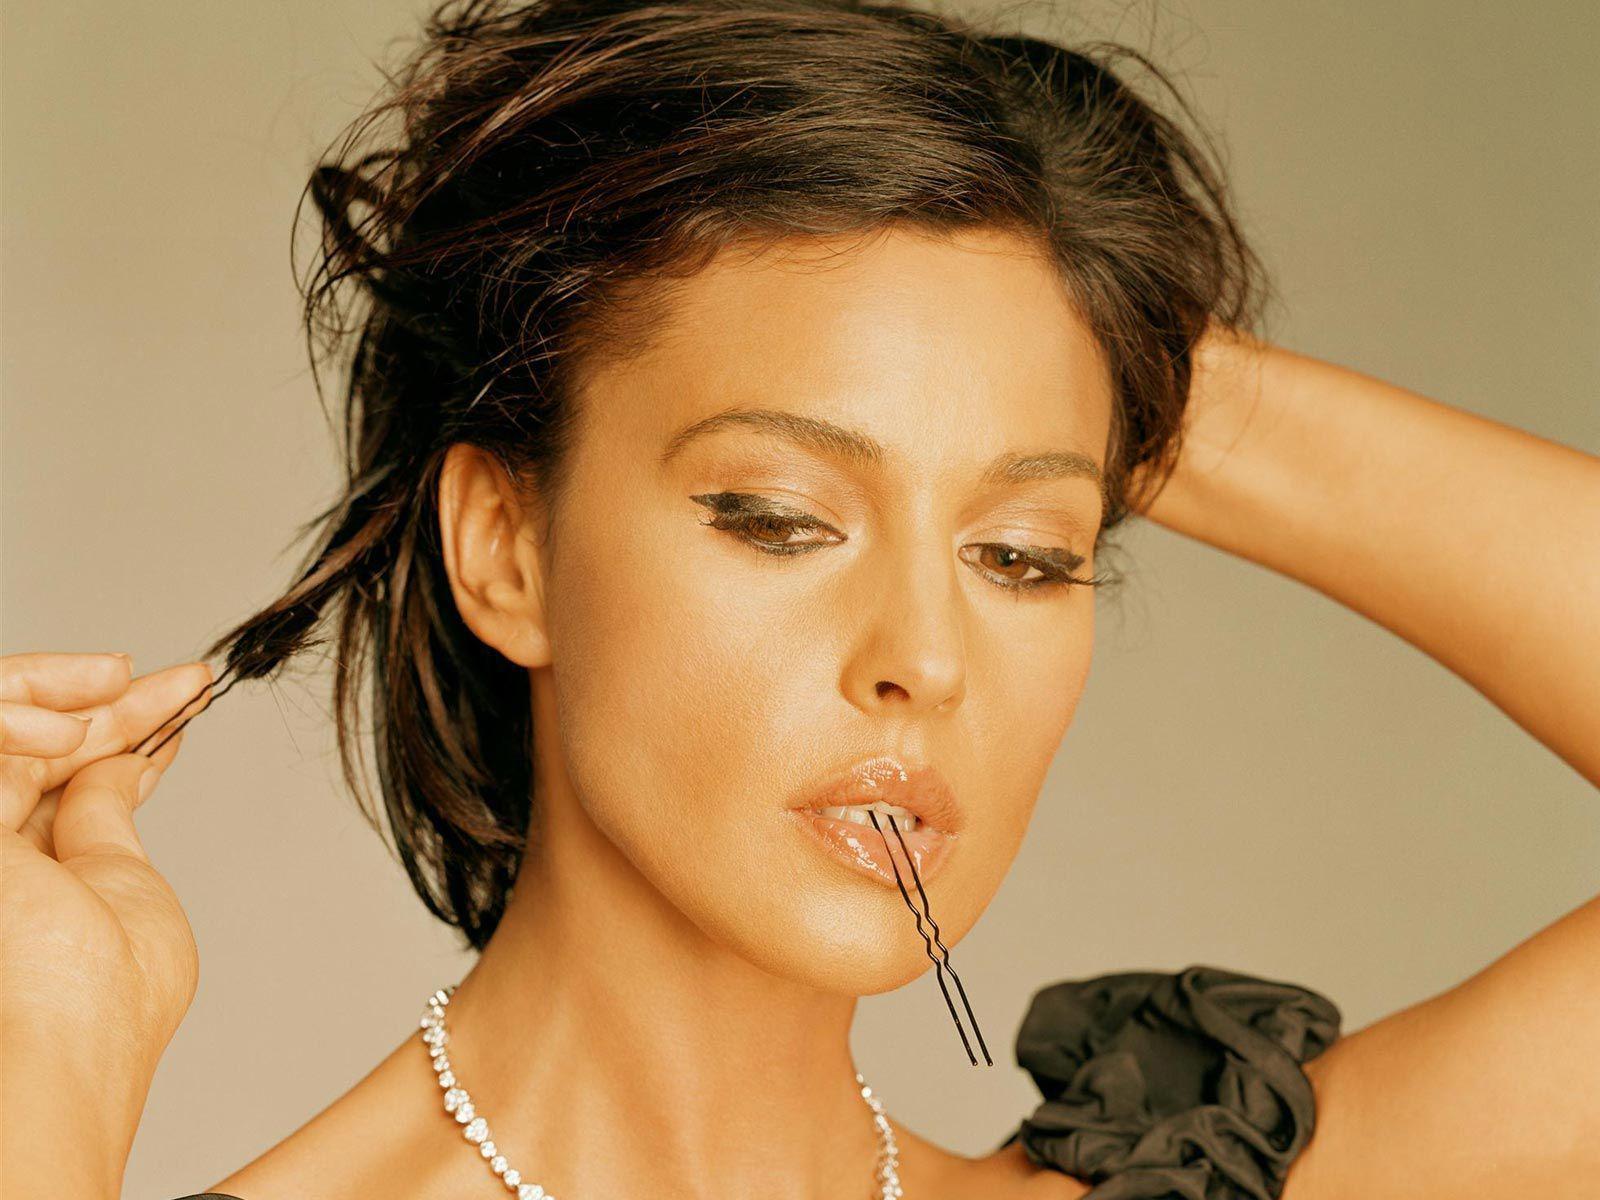 Monica-Bellucci-seducente-vedova-di-mafia-in-Spectre